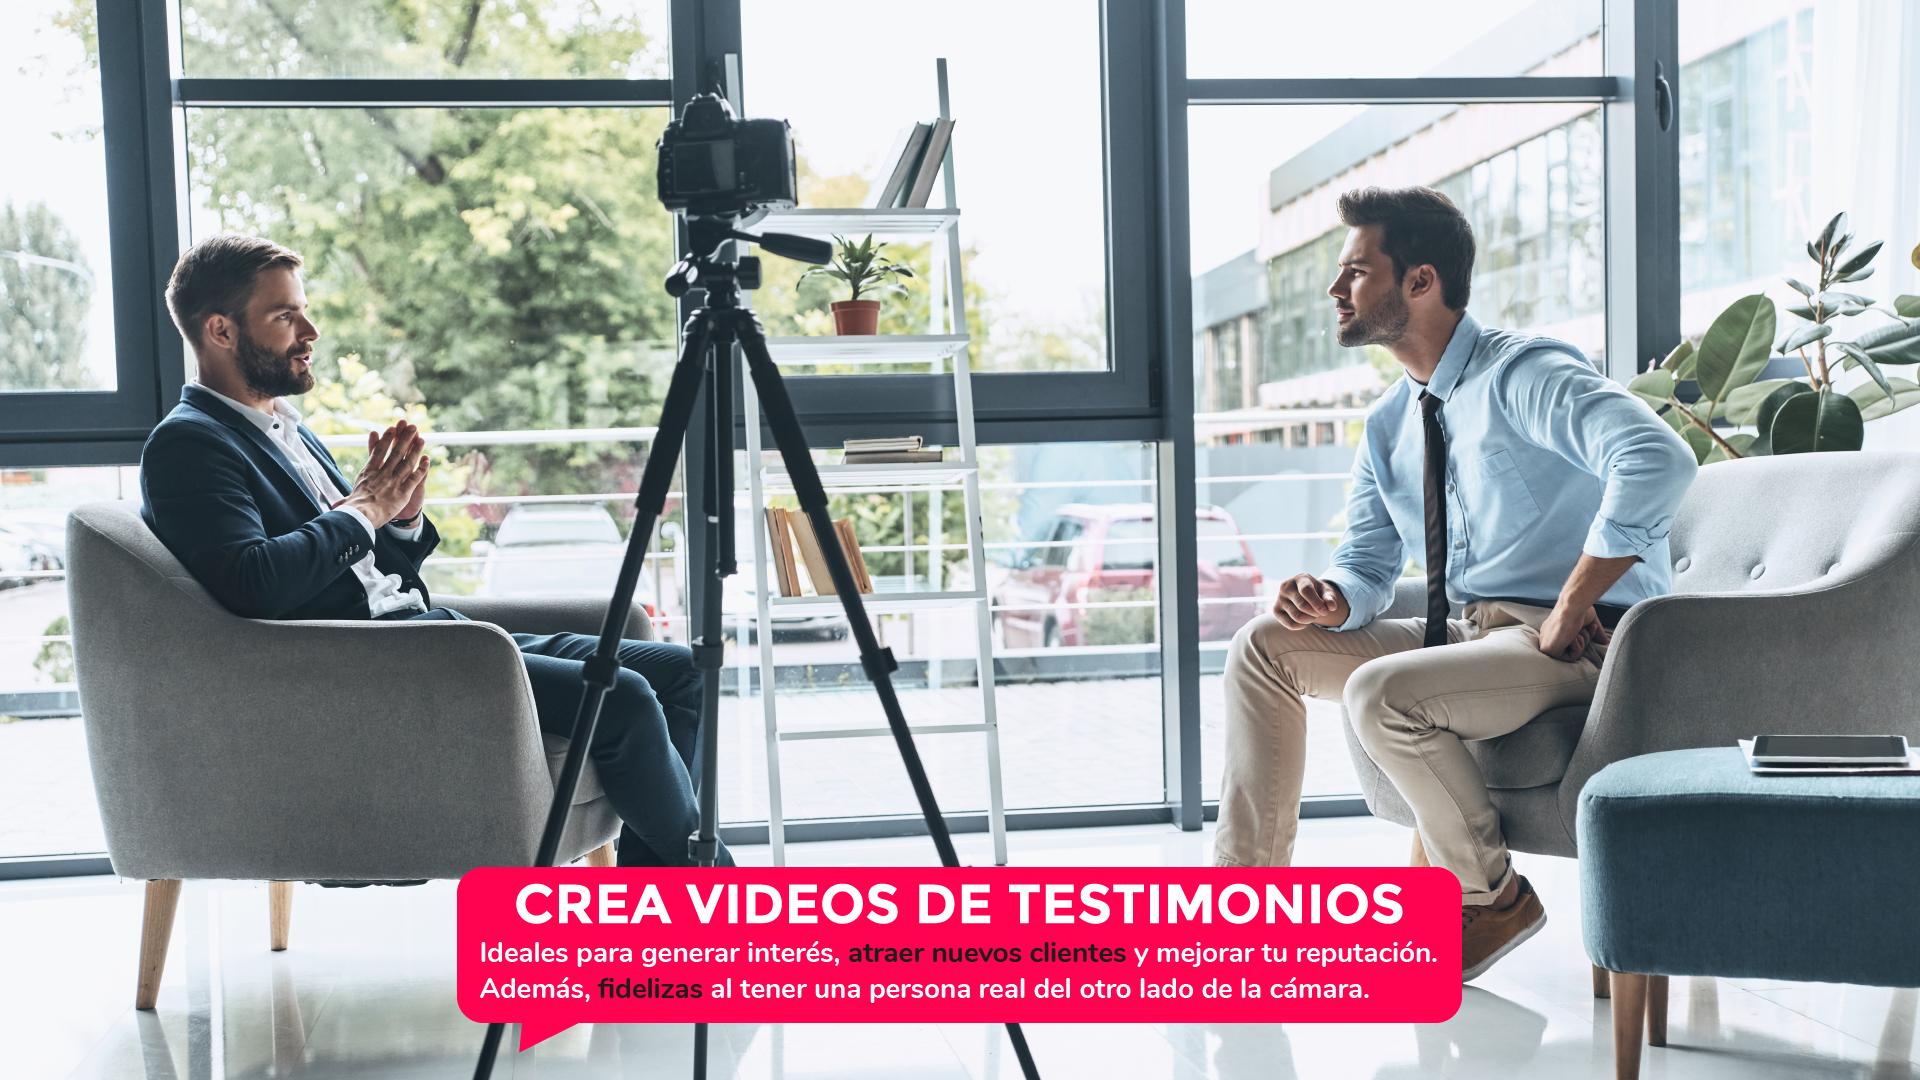 crea videos de testimonios